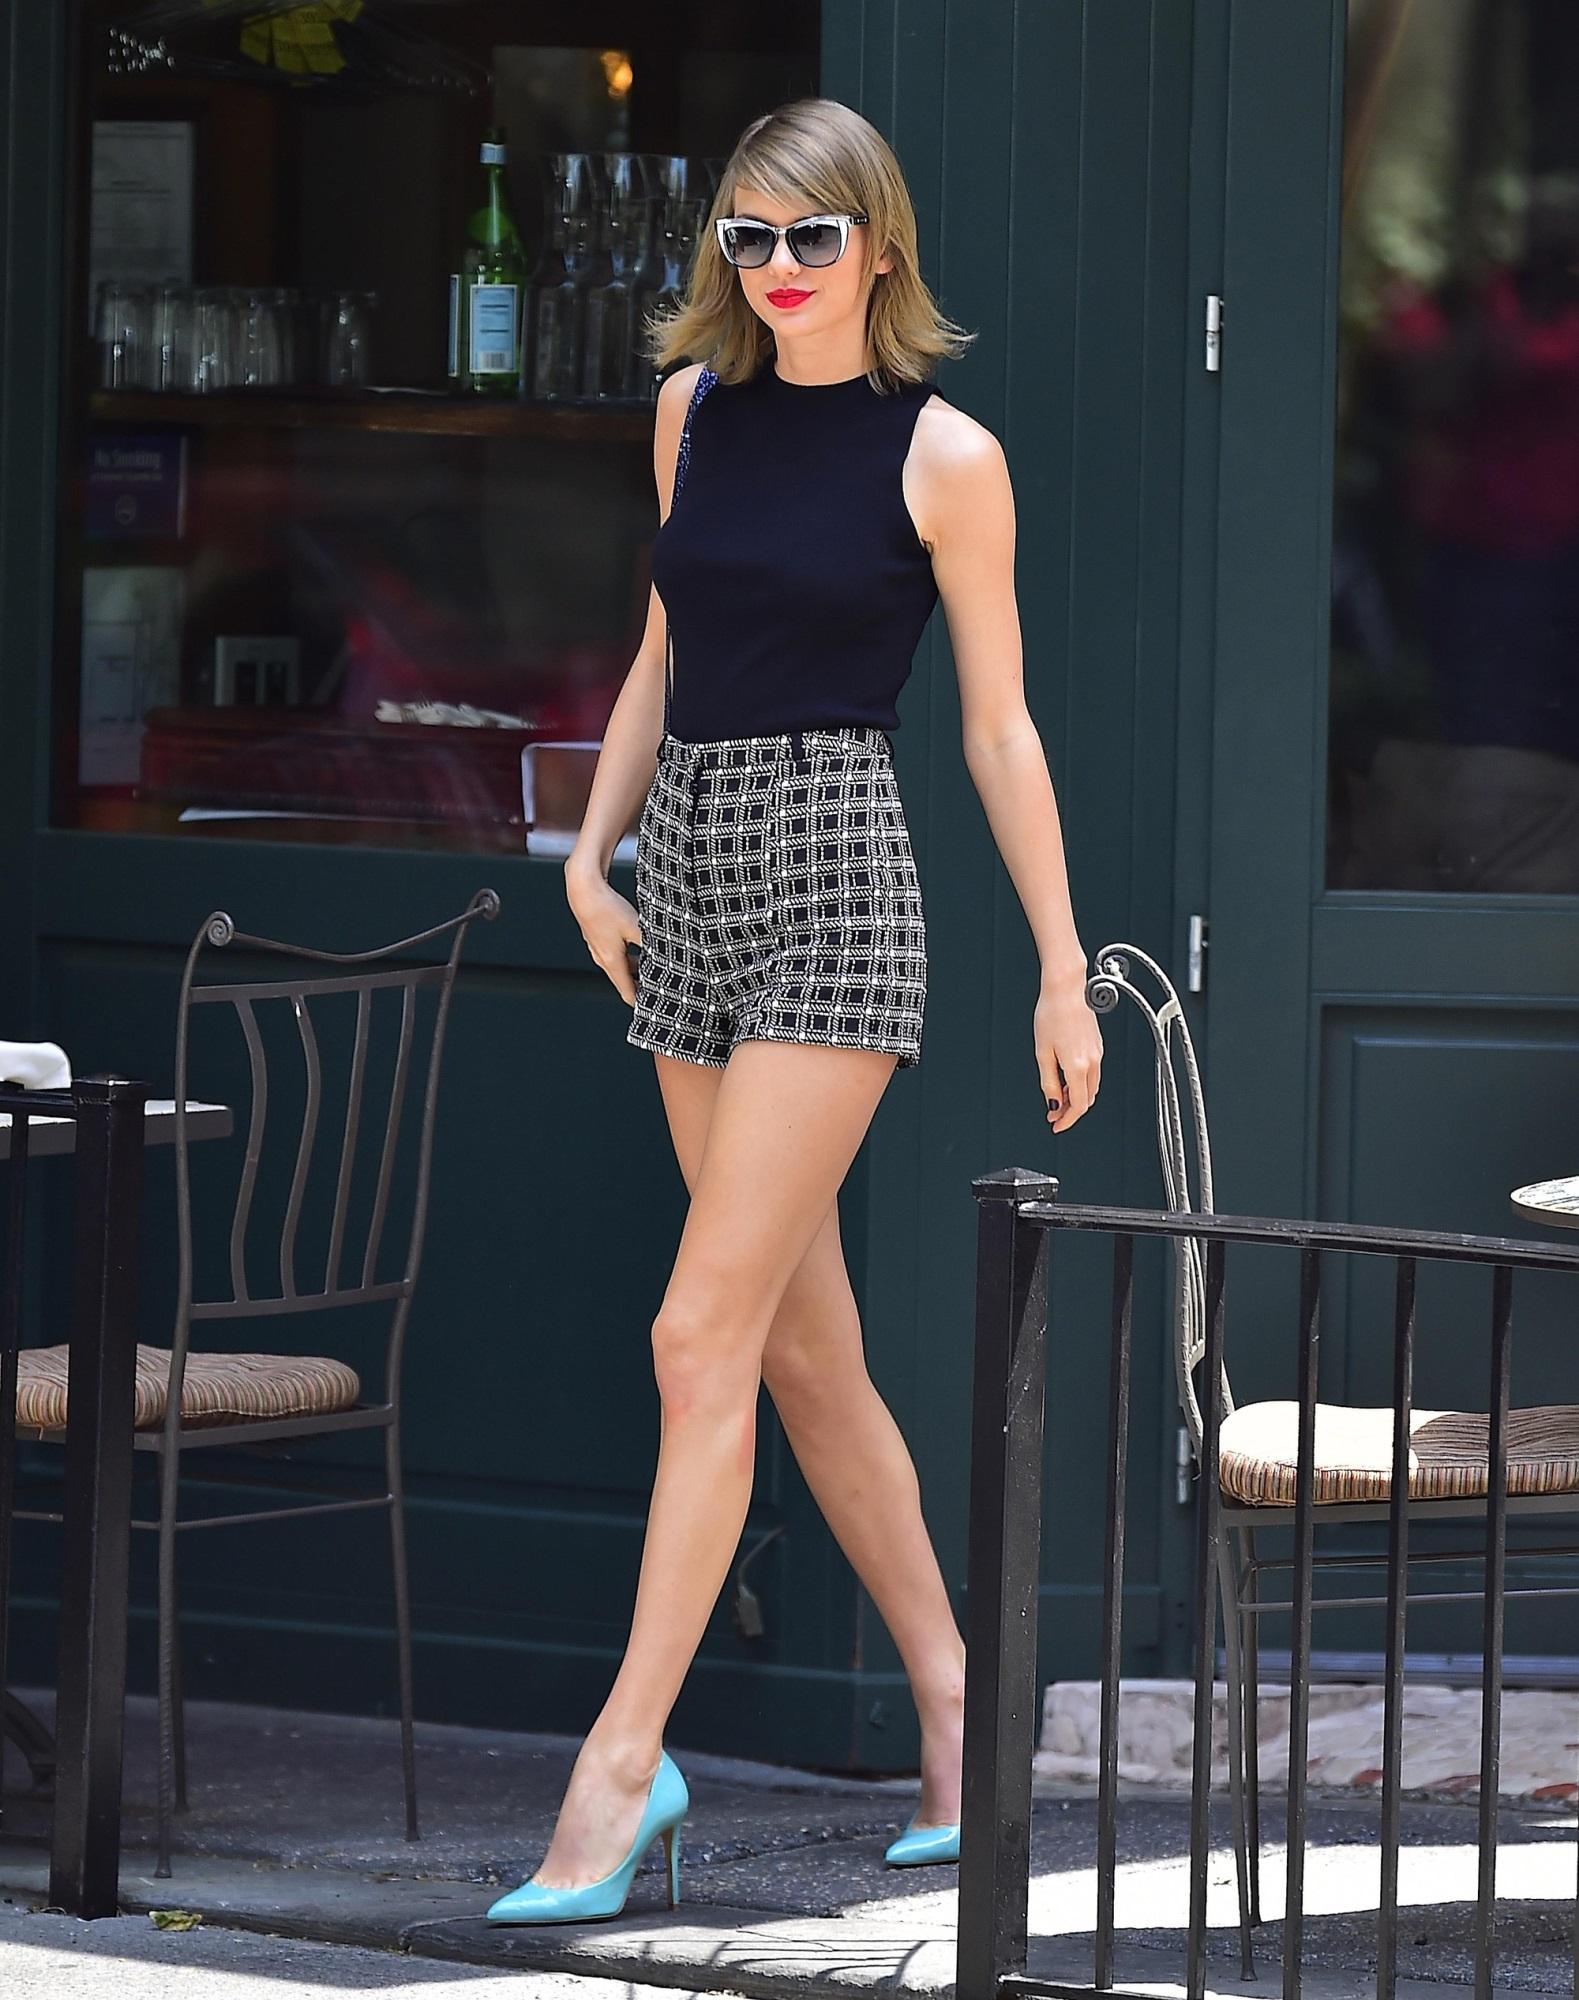 Taylor Swift xuống phố là lên đồ sang - xịn - mịn, và cùng chiêm ngưỡng loạt outfit mãn nhãn của 'Rắn Chúa' - Ảnh 12